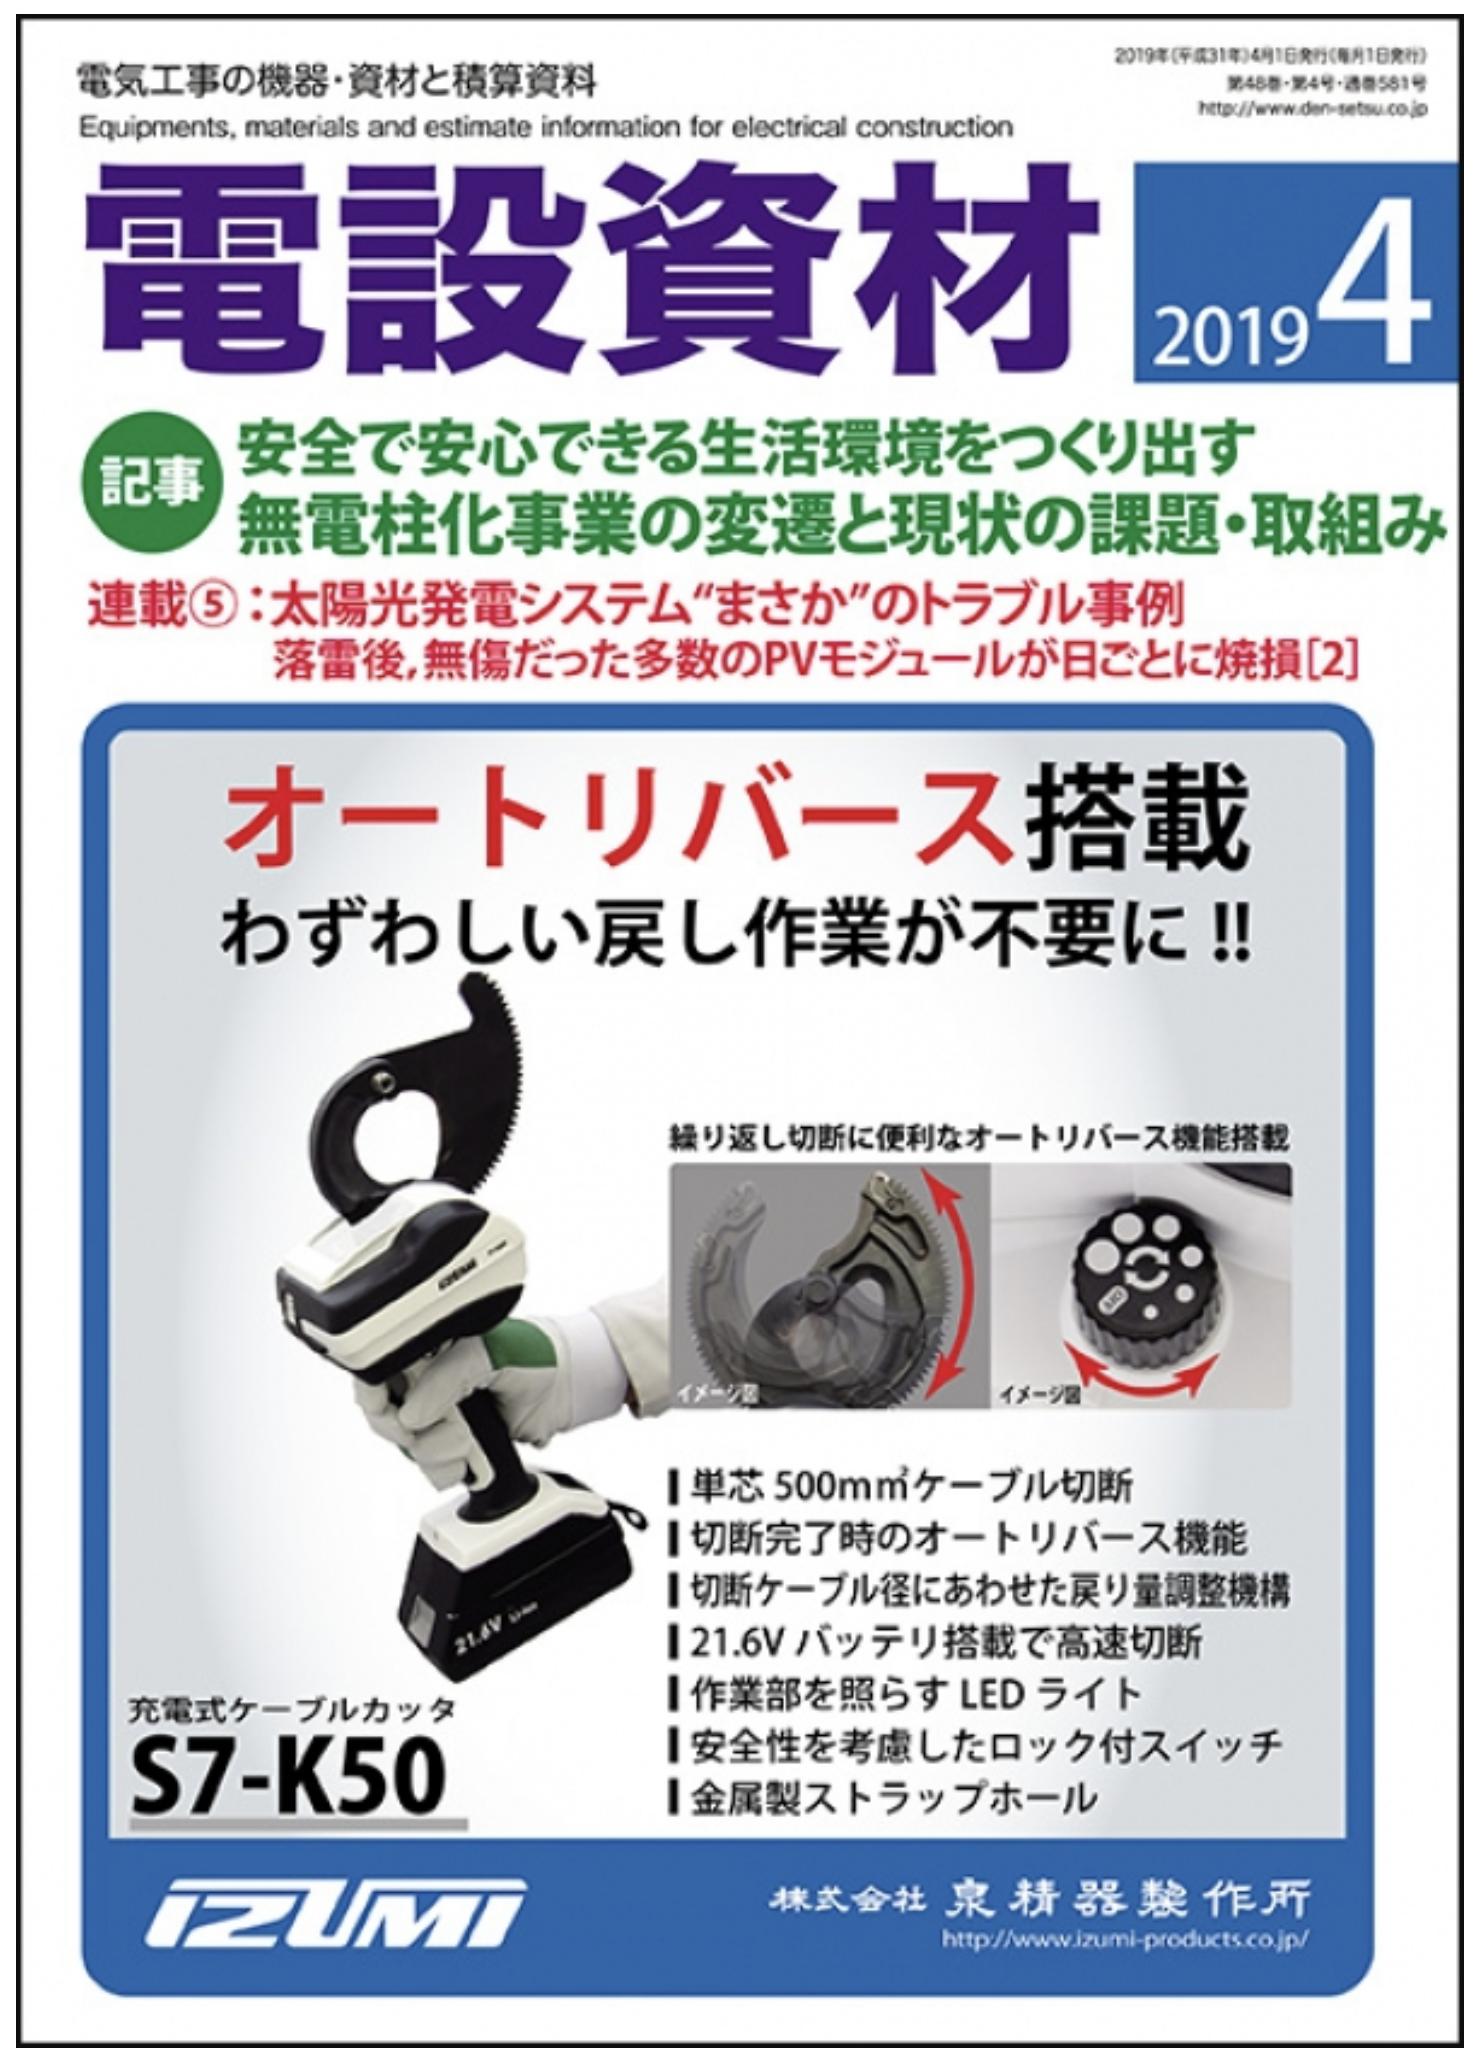 【新刊トピックス 2019年4月】月刊電設資材2019年4月号の画像